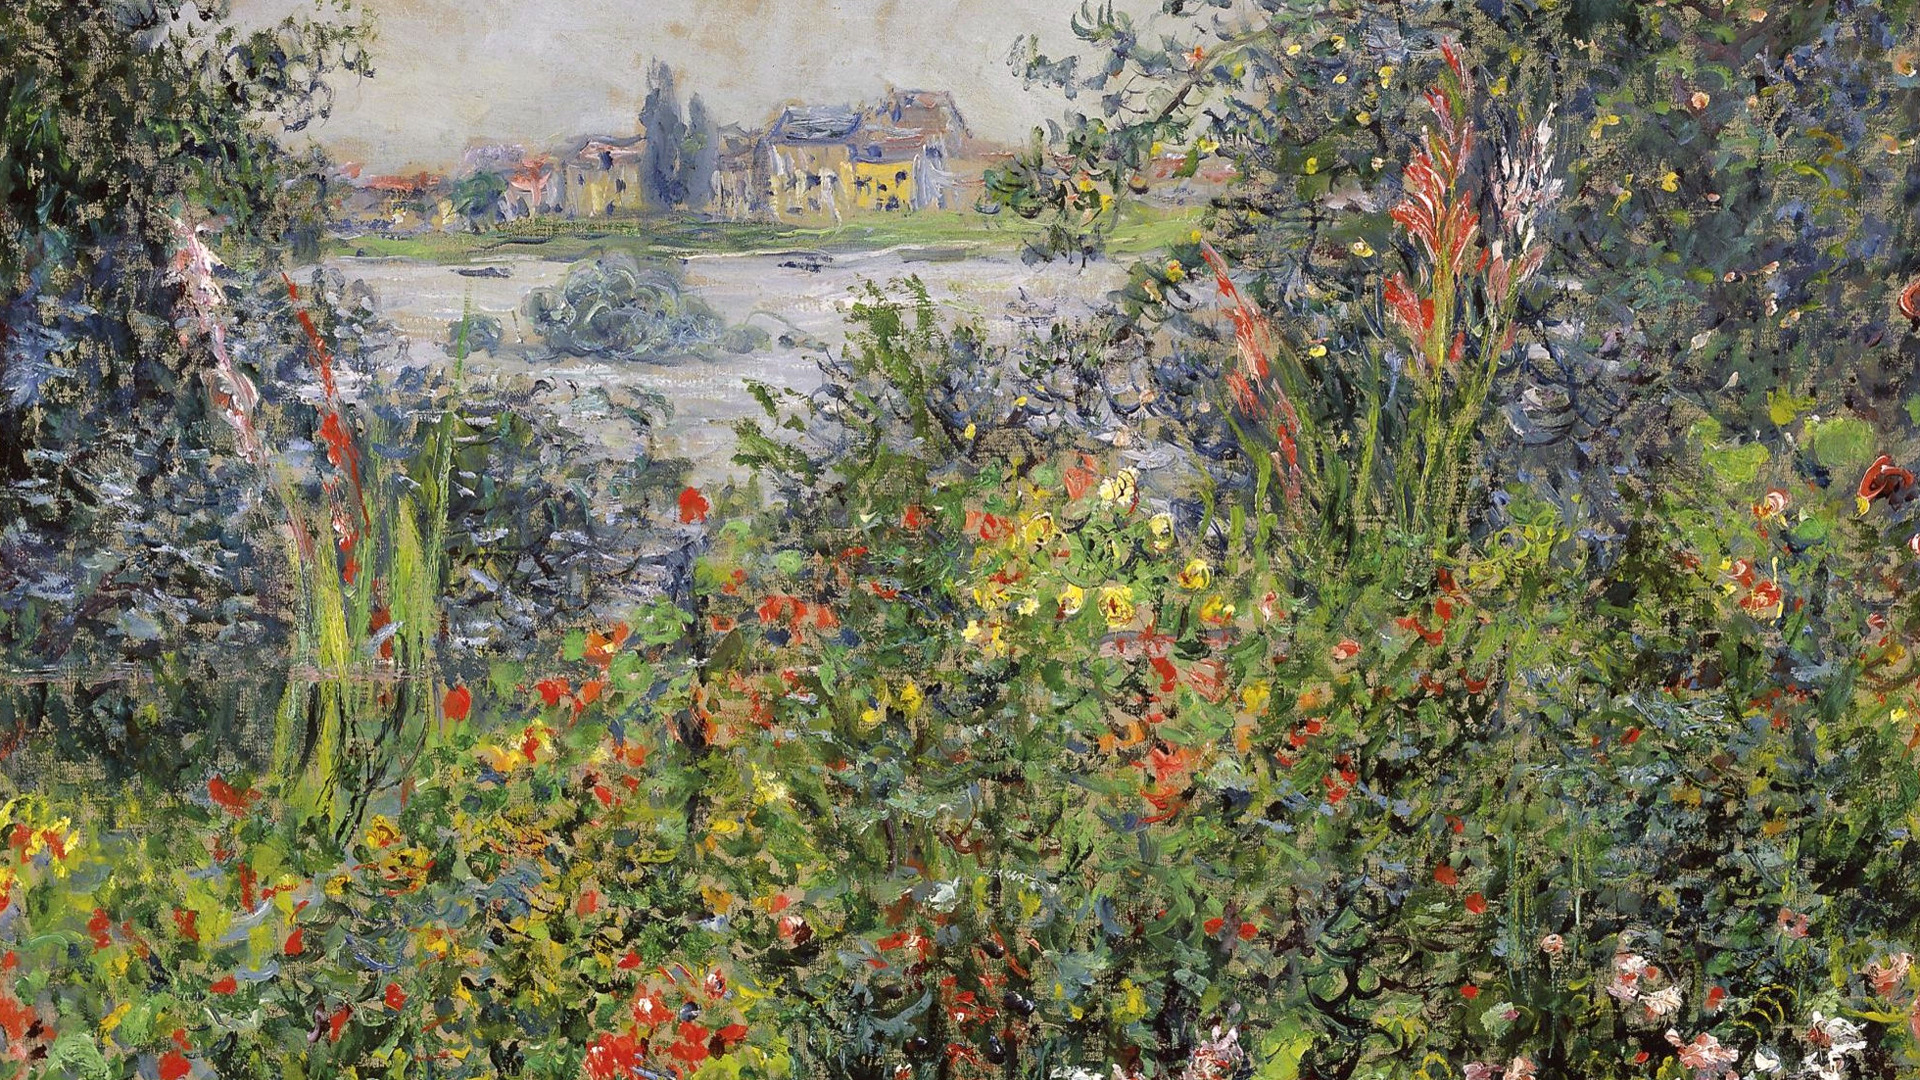 пейзаж < Цветы >:: Клод Моне, описание картины - Claude Monet фото